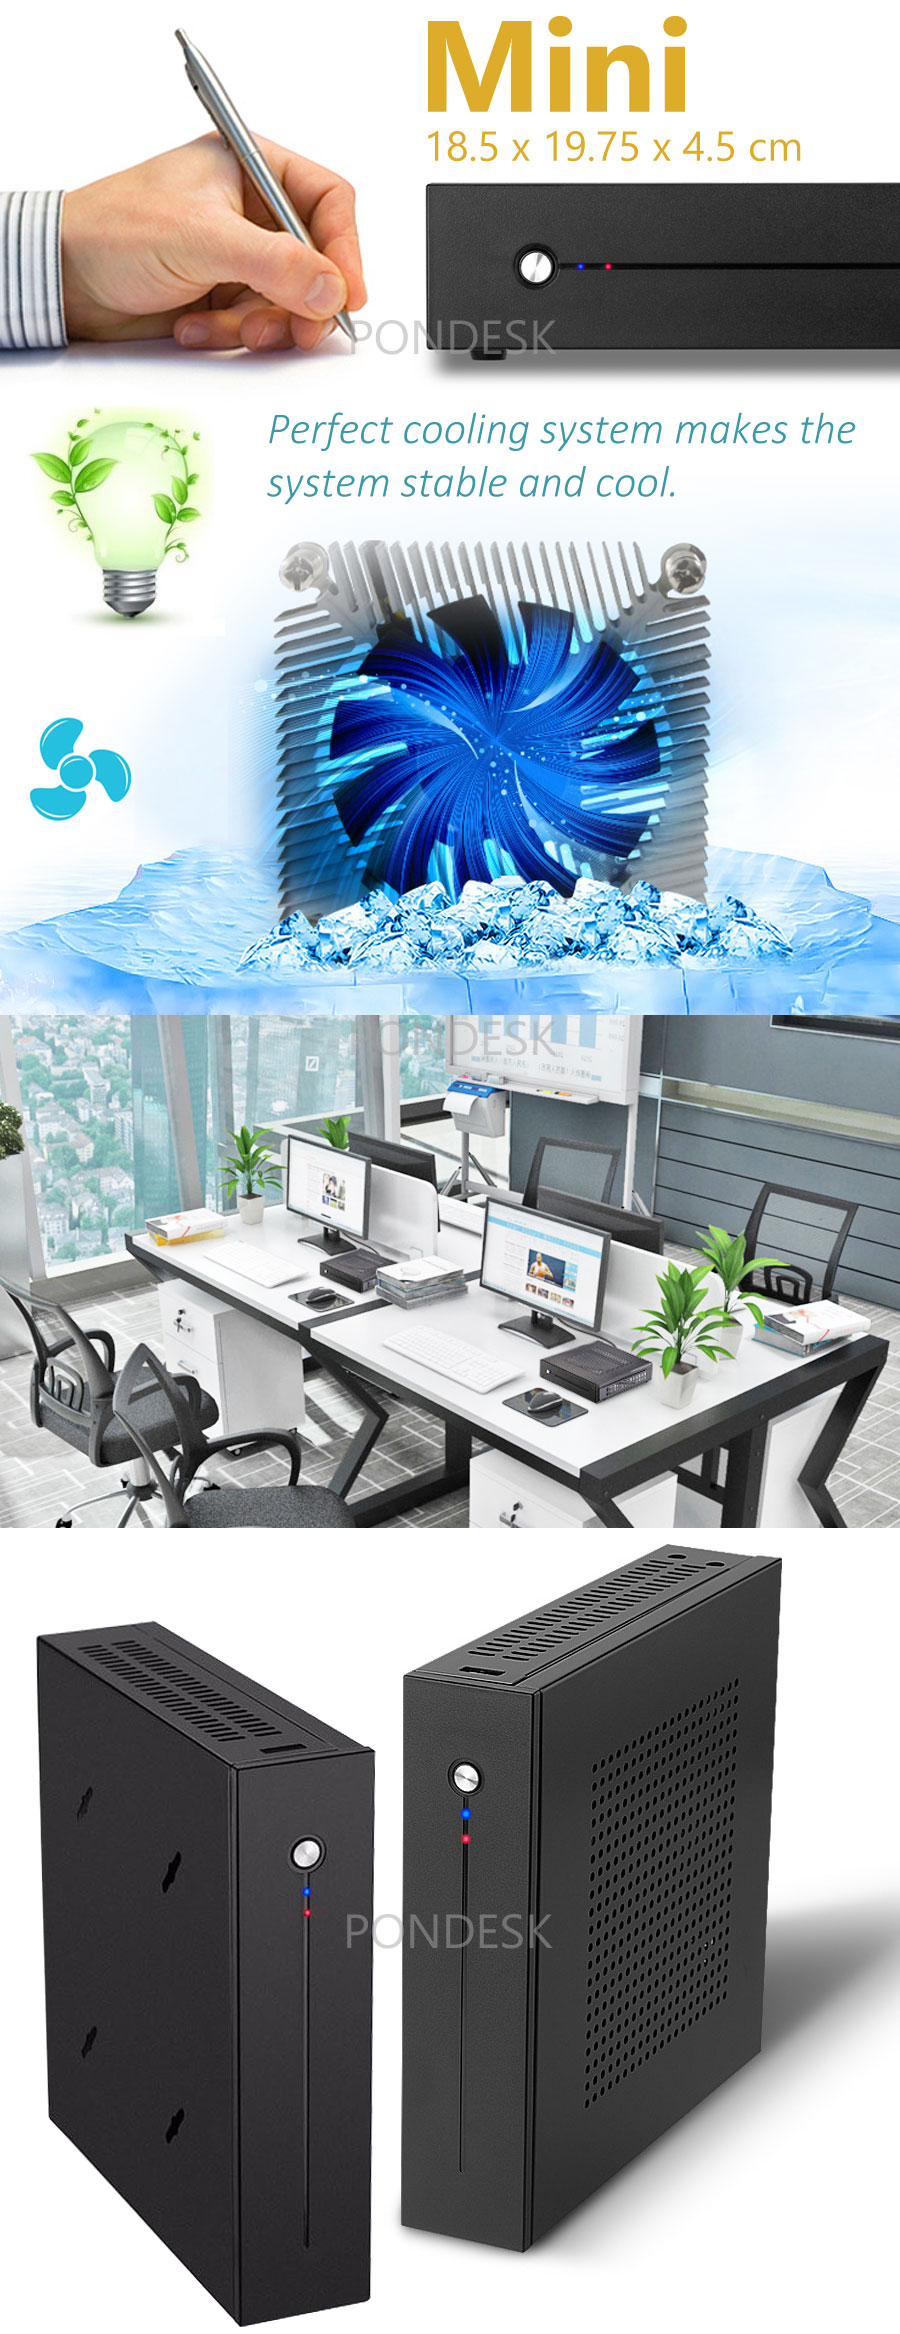 7th Gen. Intel® G4560 Kaby Lake 3.5GHz 2 LAN HD 610 Mini PC - MNHO-056 | Image